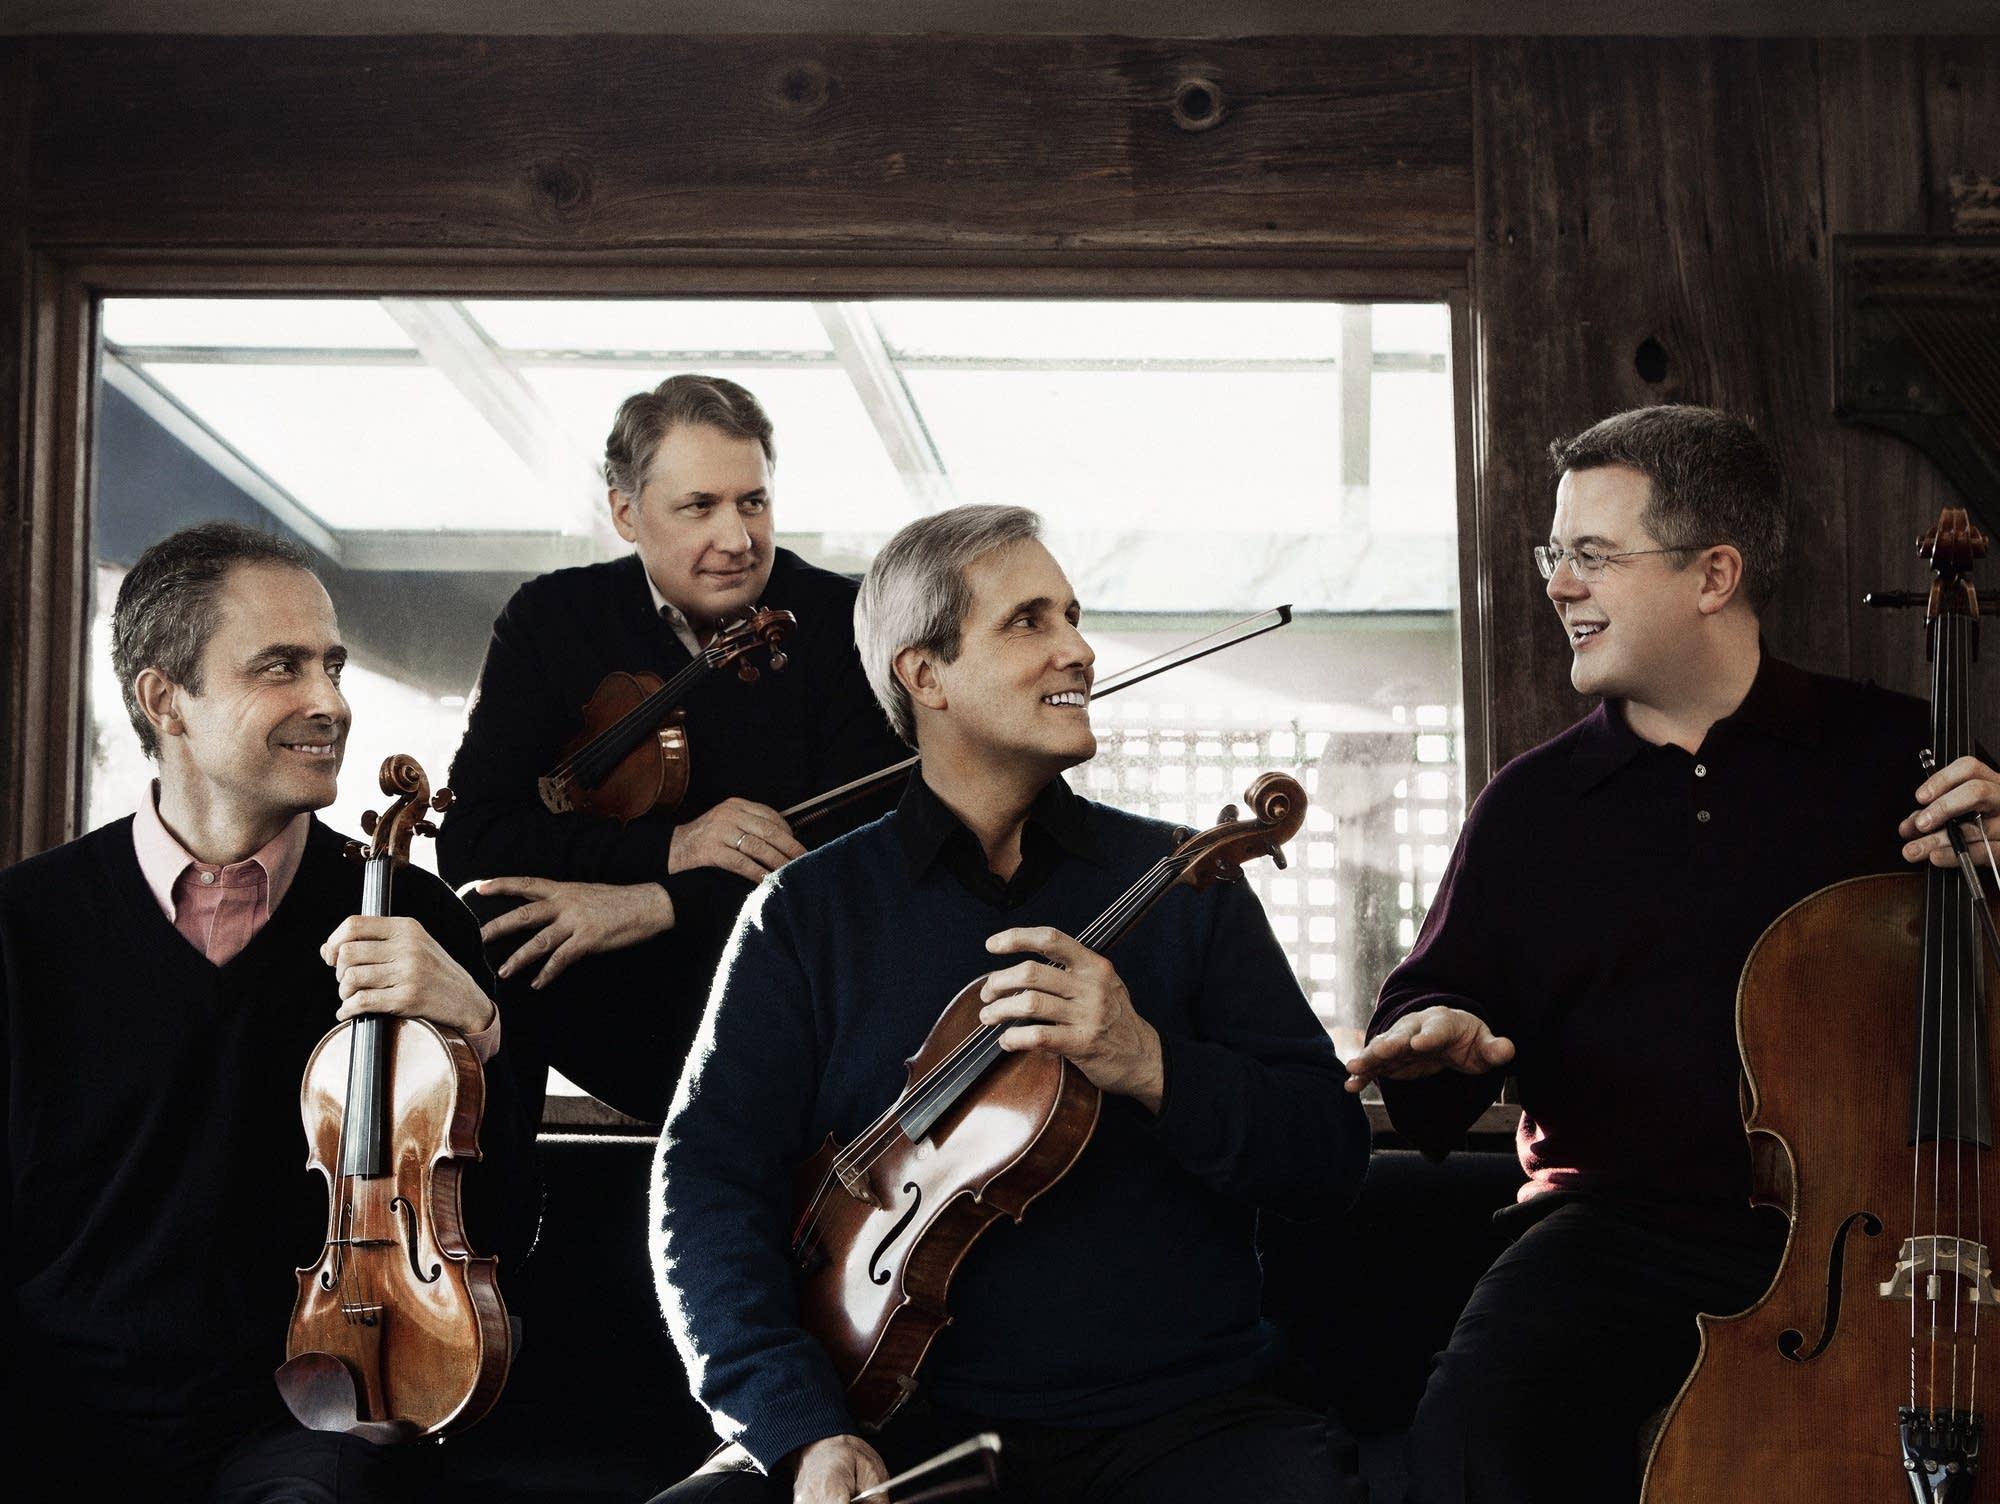 52a525-20160830-emerson-string-quartet.jpg